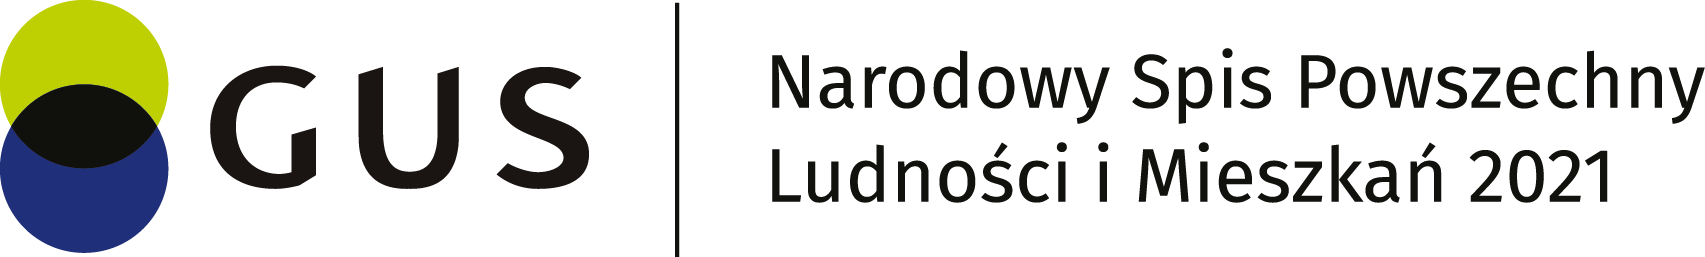 Logo: Narodowy Spis Powszechny Ludności i Mieszkań 2021